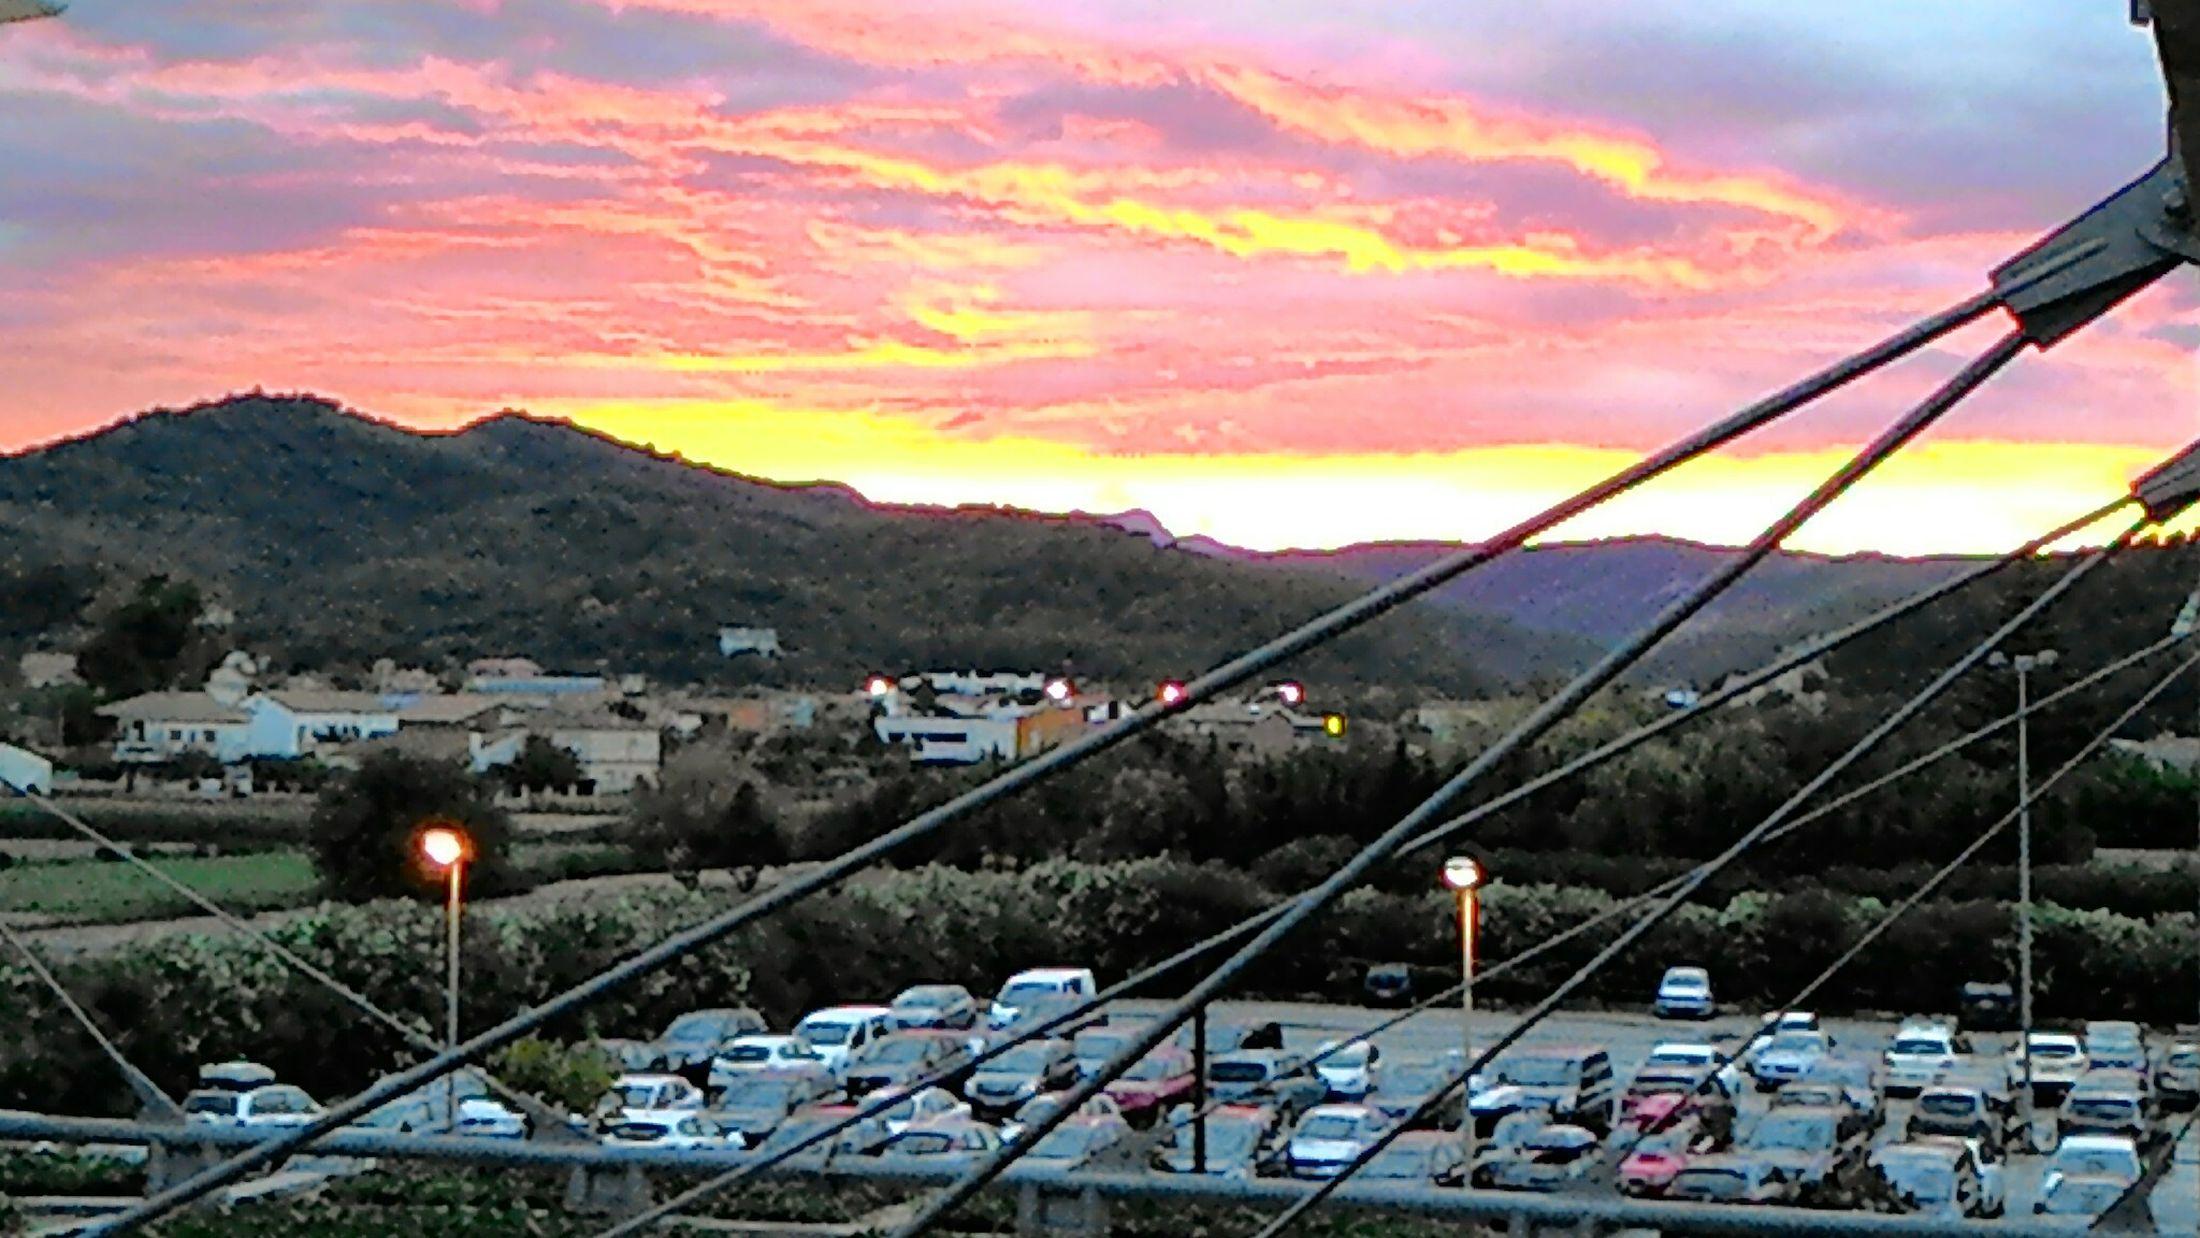 Puesta De Sol Atardecer en Santasusana Despues de la tormenta viene la calma. My Smartphone Life Eyeembarcelona